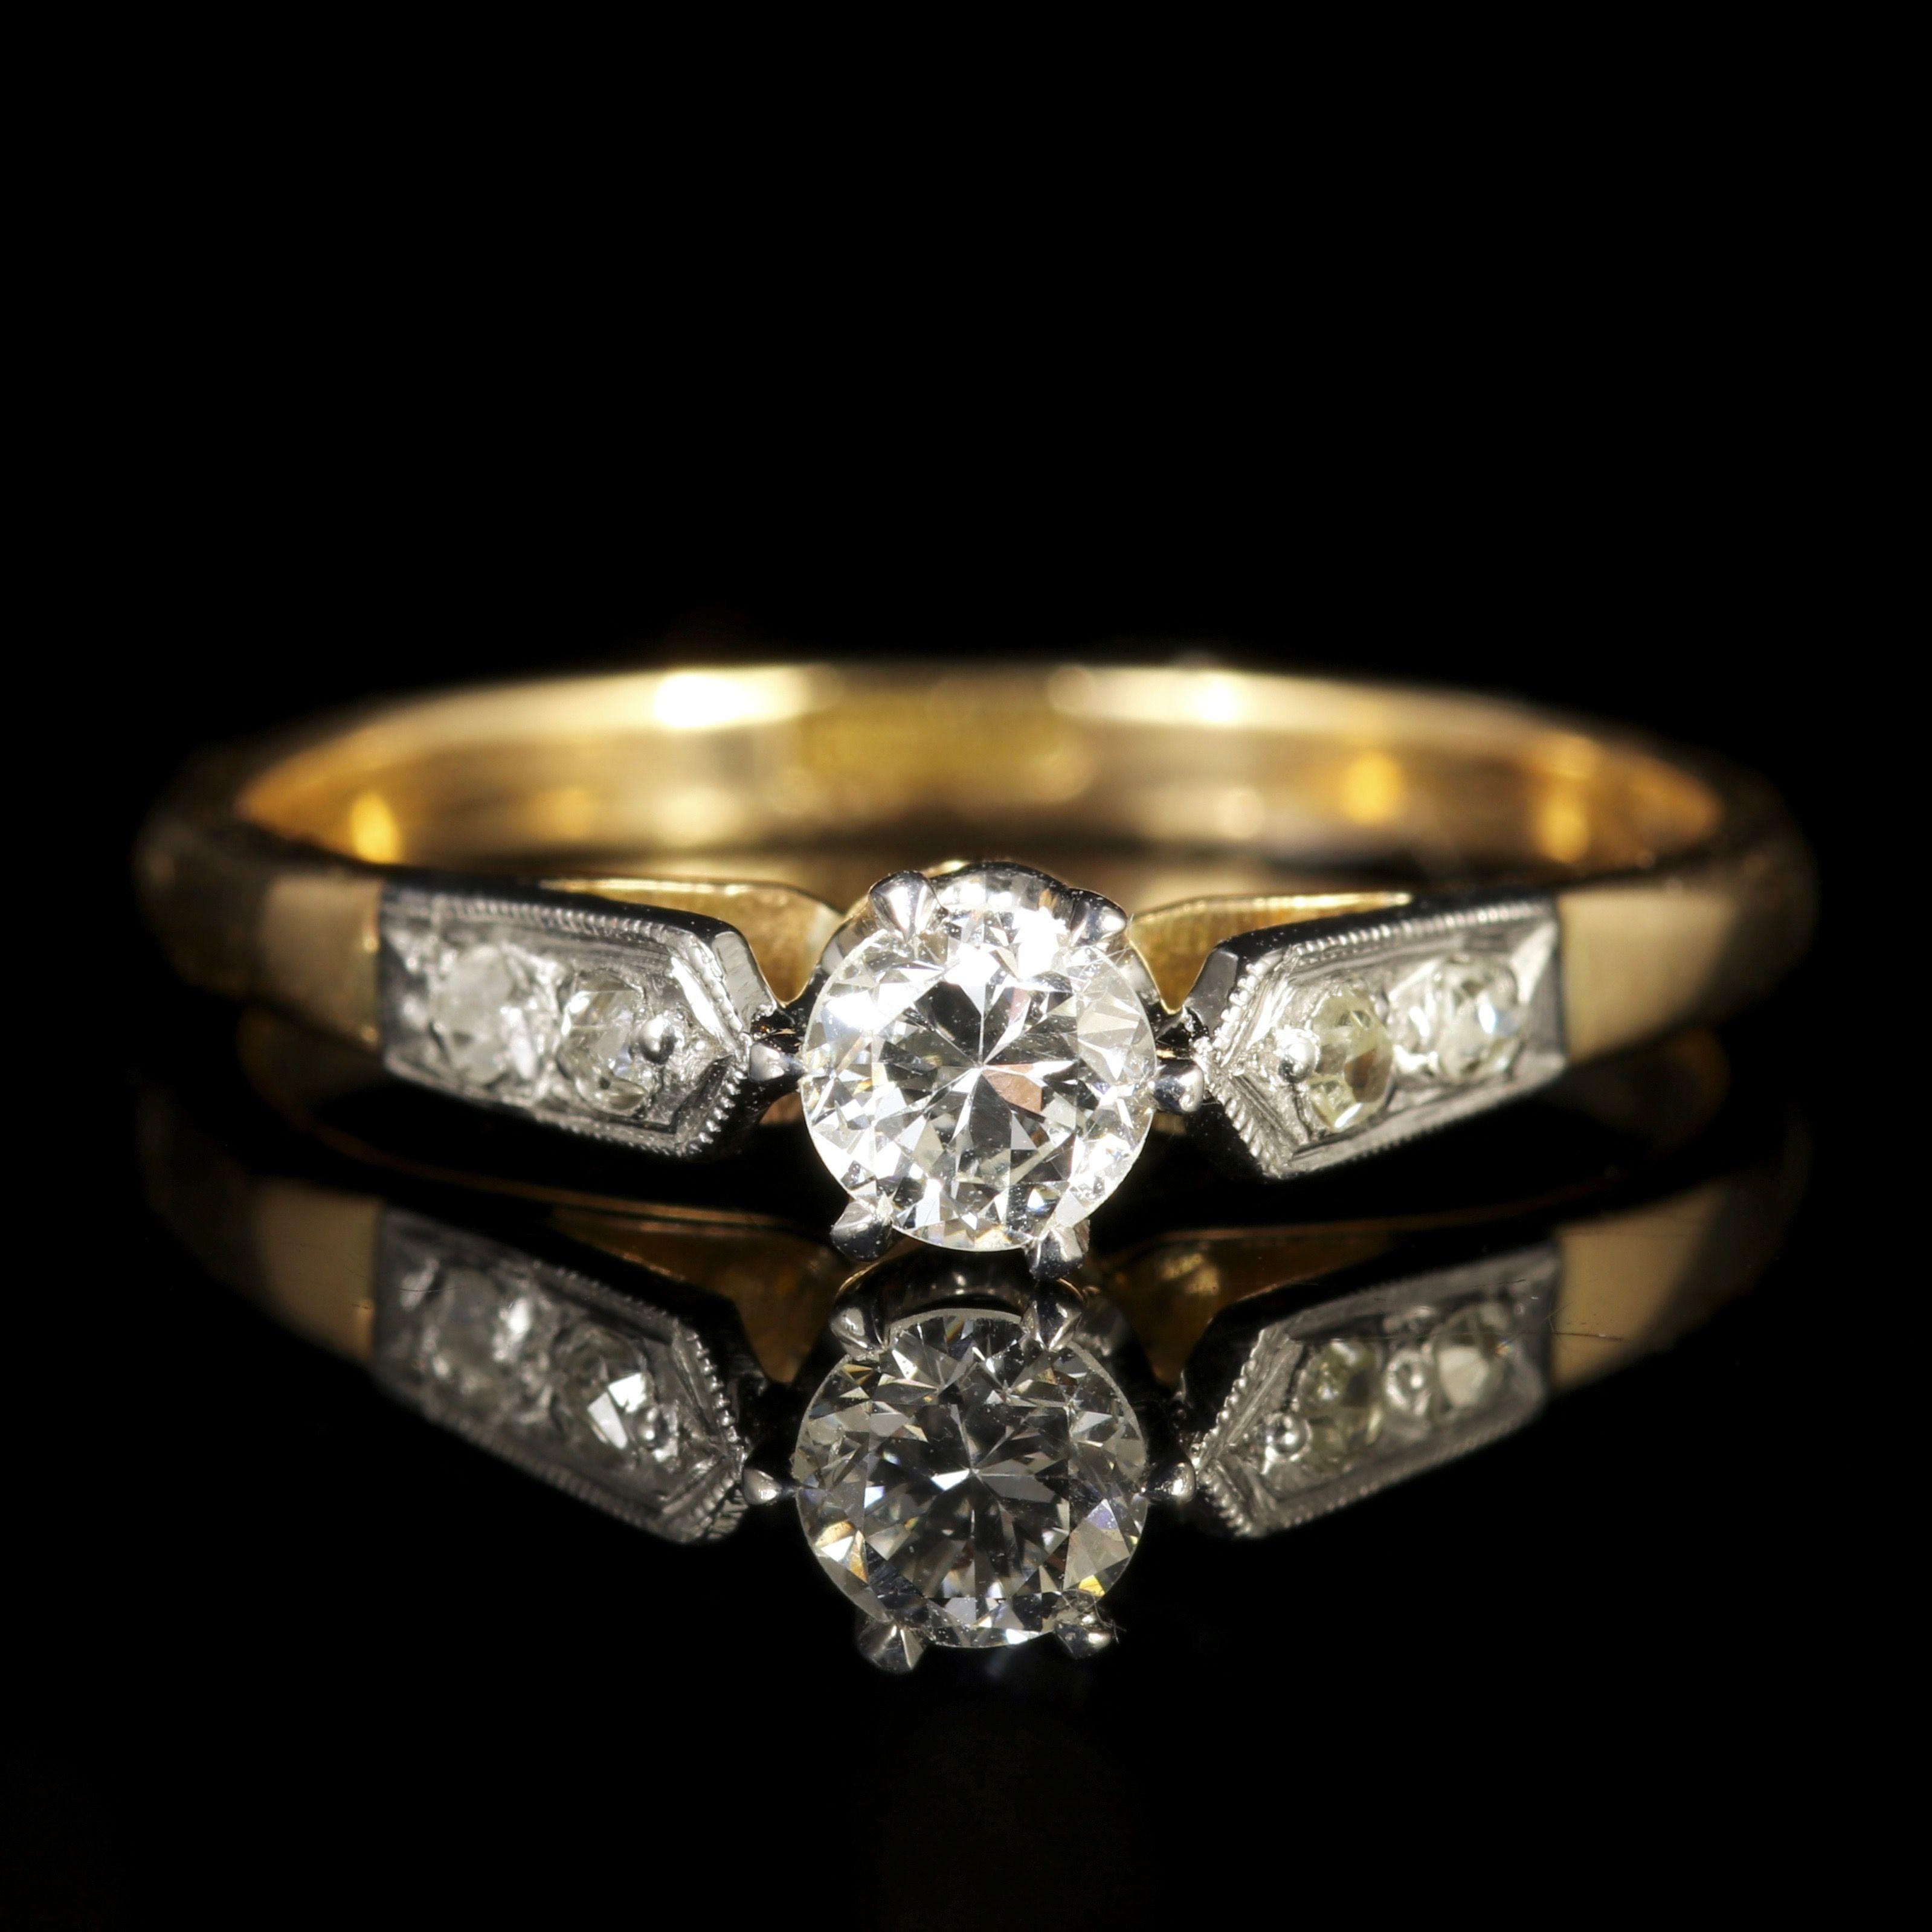 Antique Edwardian Diamond Engagement Ring Circa 1915: Genuine Edwardian Wedding Rings At Websimilar.org